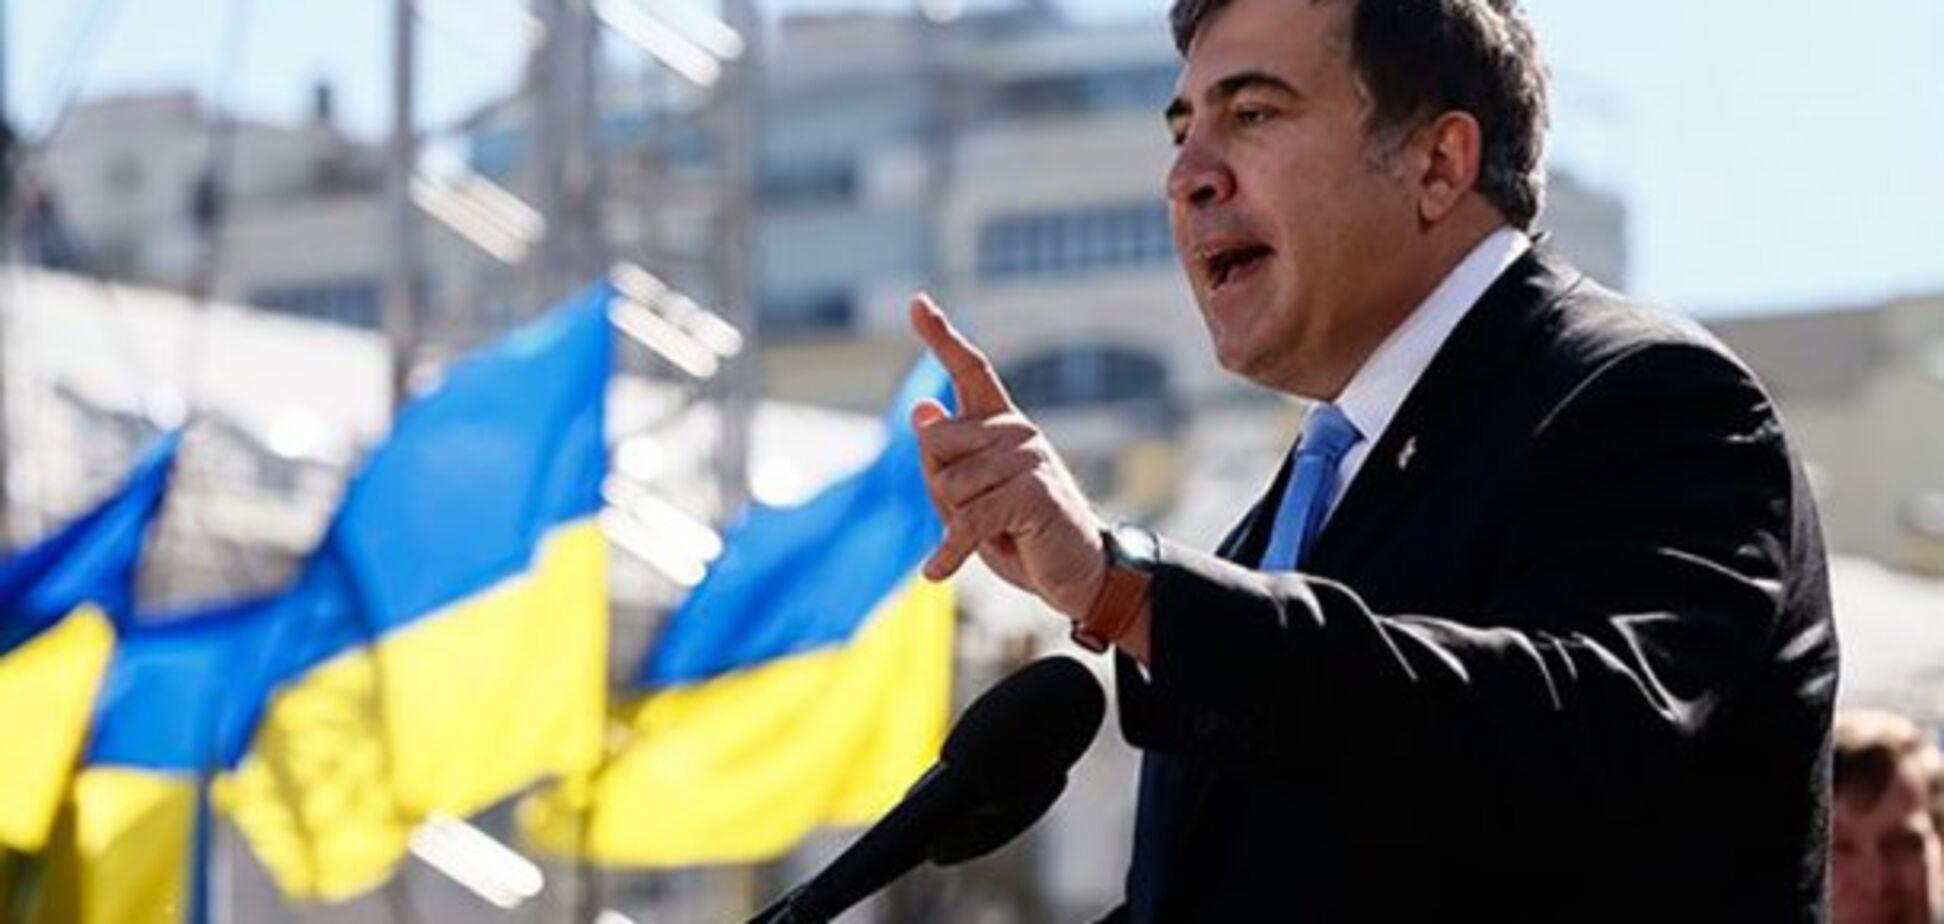 'Печатали за поребриком?' Странная реклама митинга Саакашвили возмутила сеть